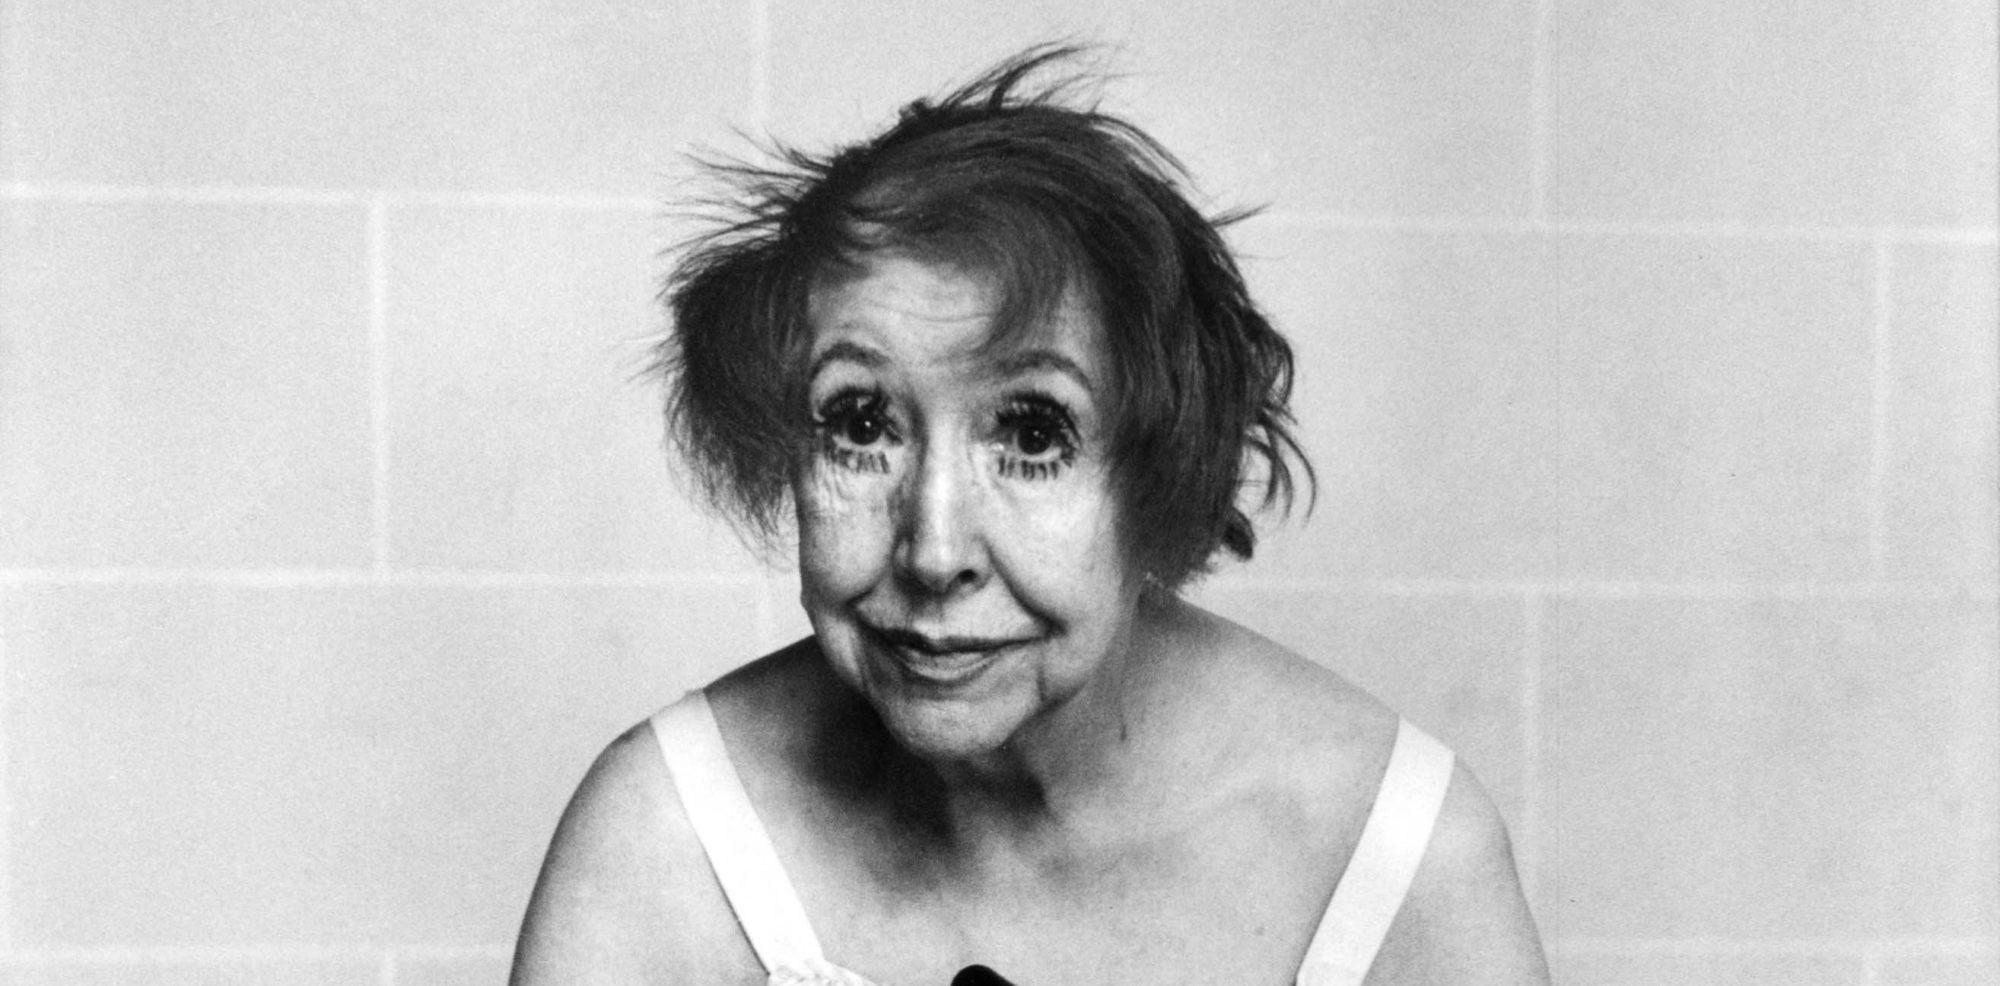 François-Marie Banier Marie-Laure de Noaille 1969-1970 - François-Marie Banier